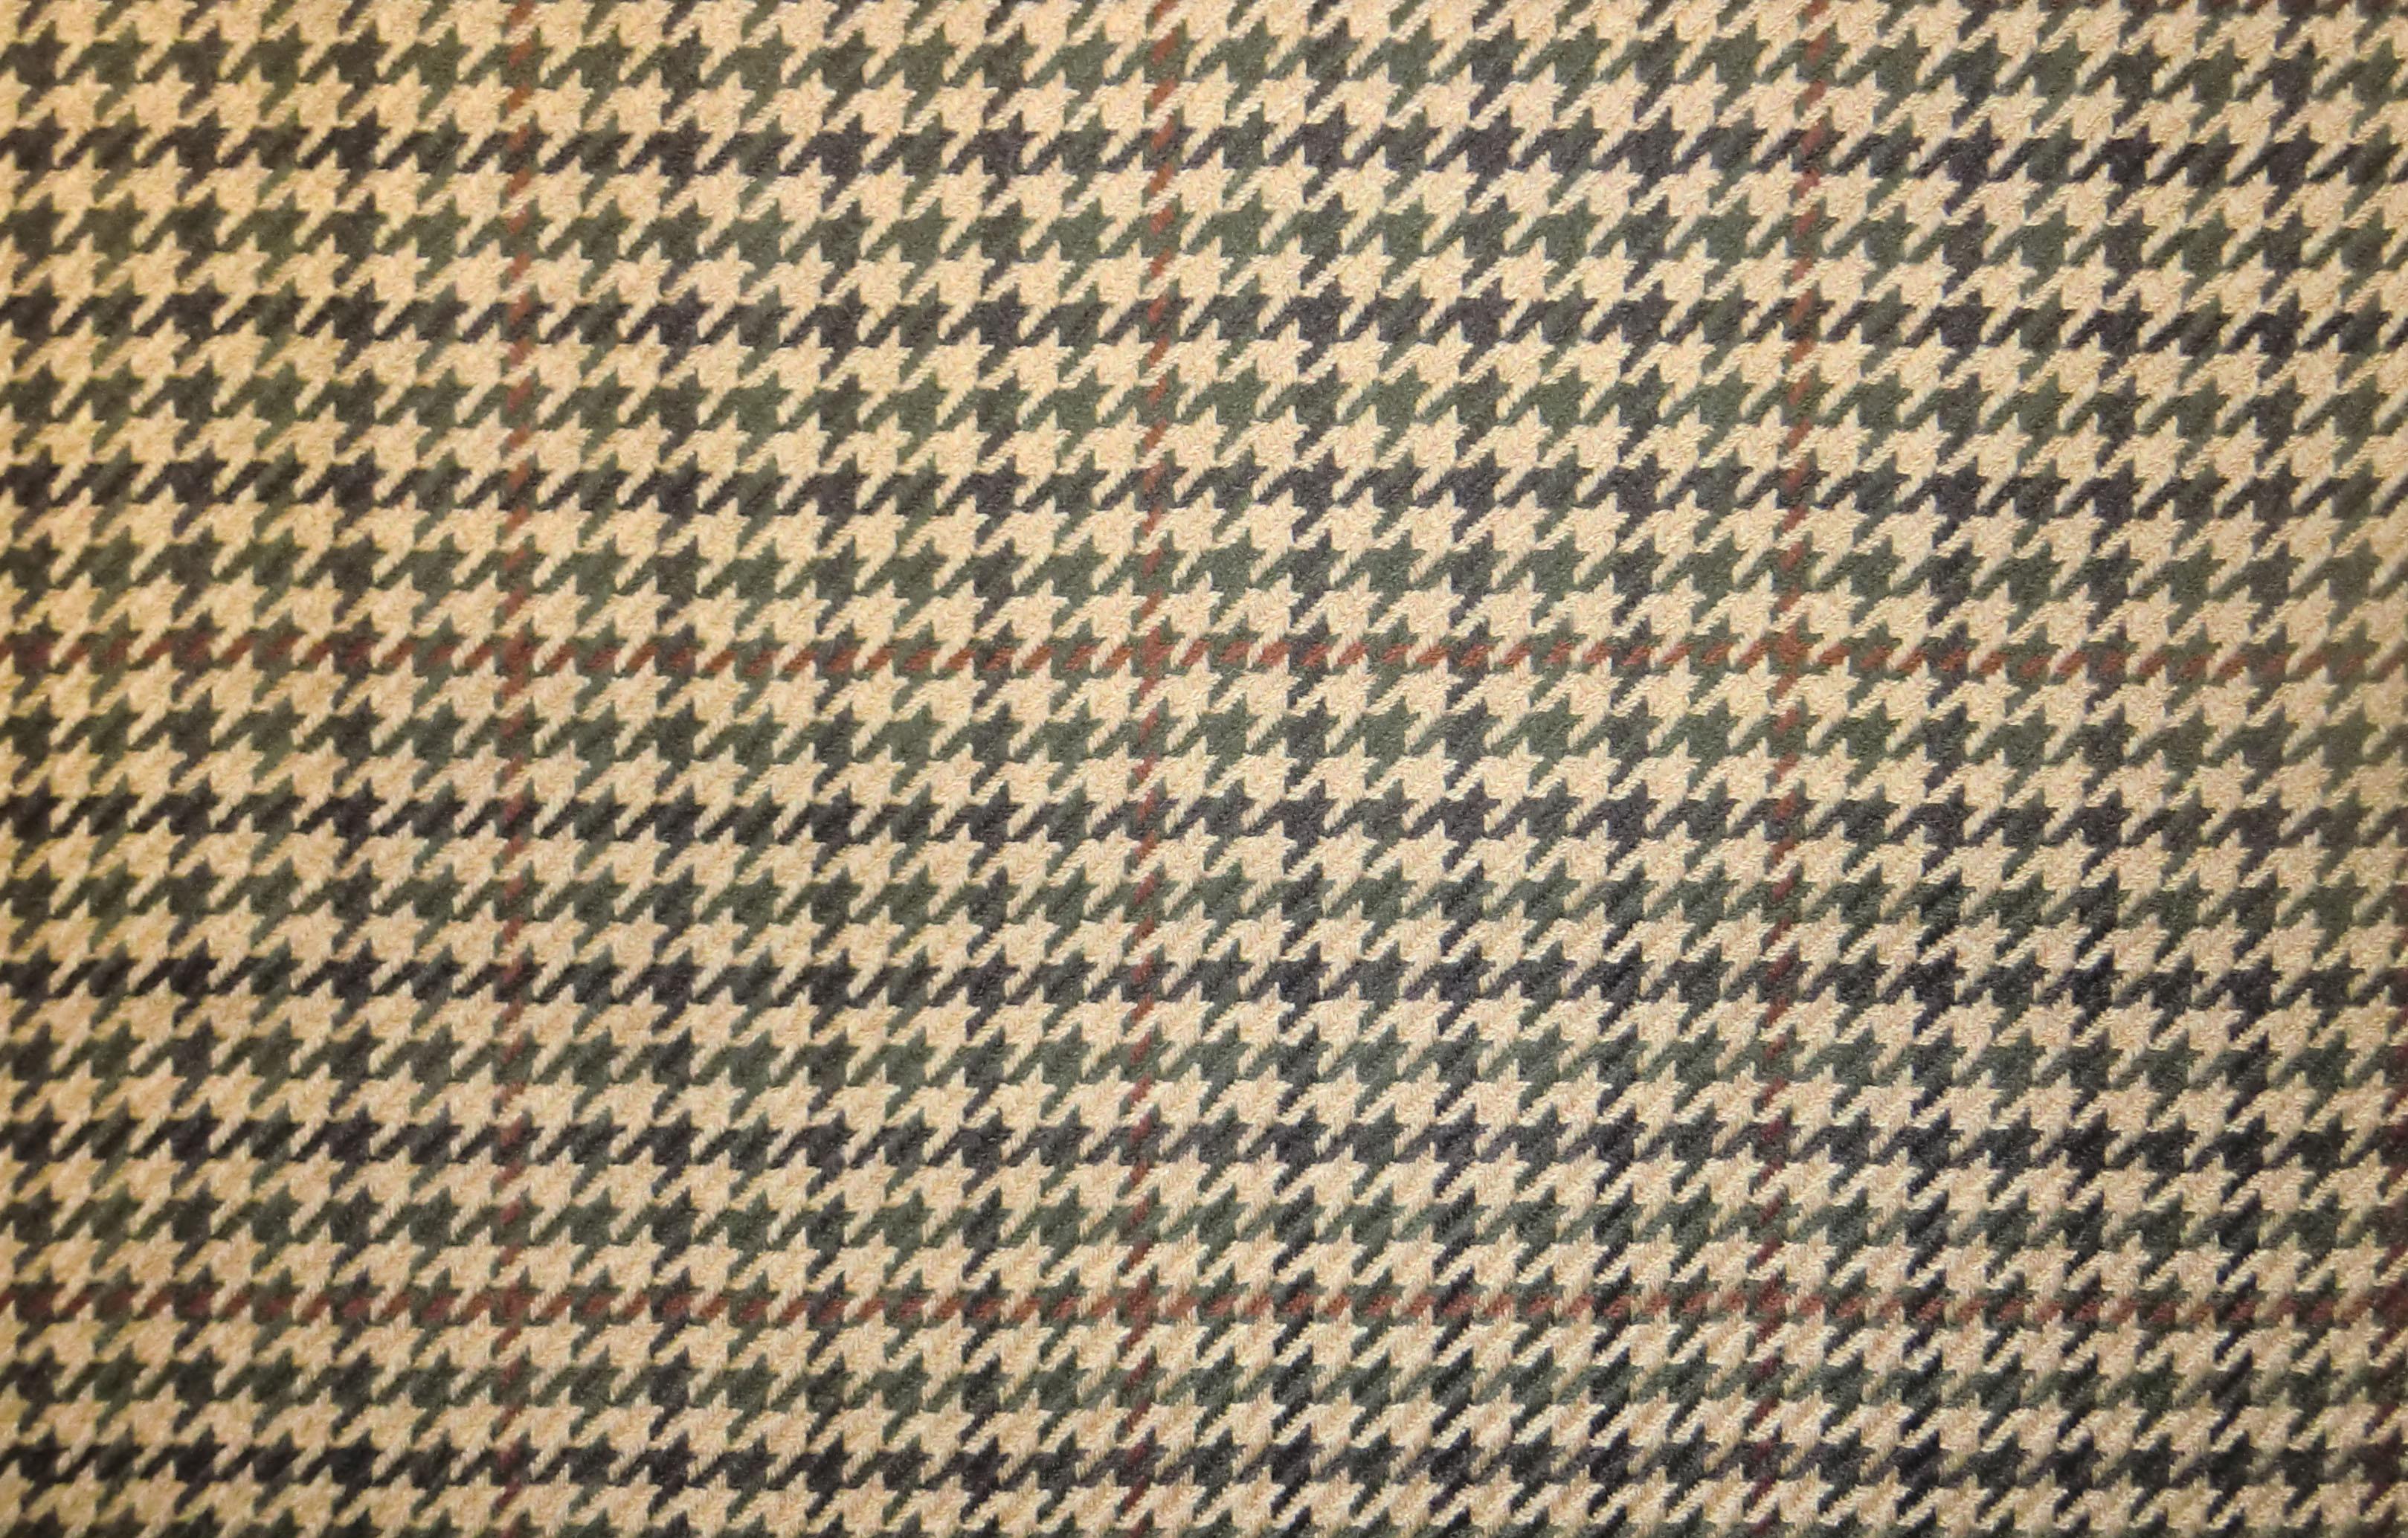 Ralph Lauren Fabrics Munnings Houndstooth Tweed